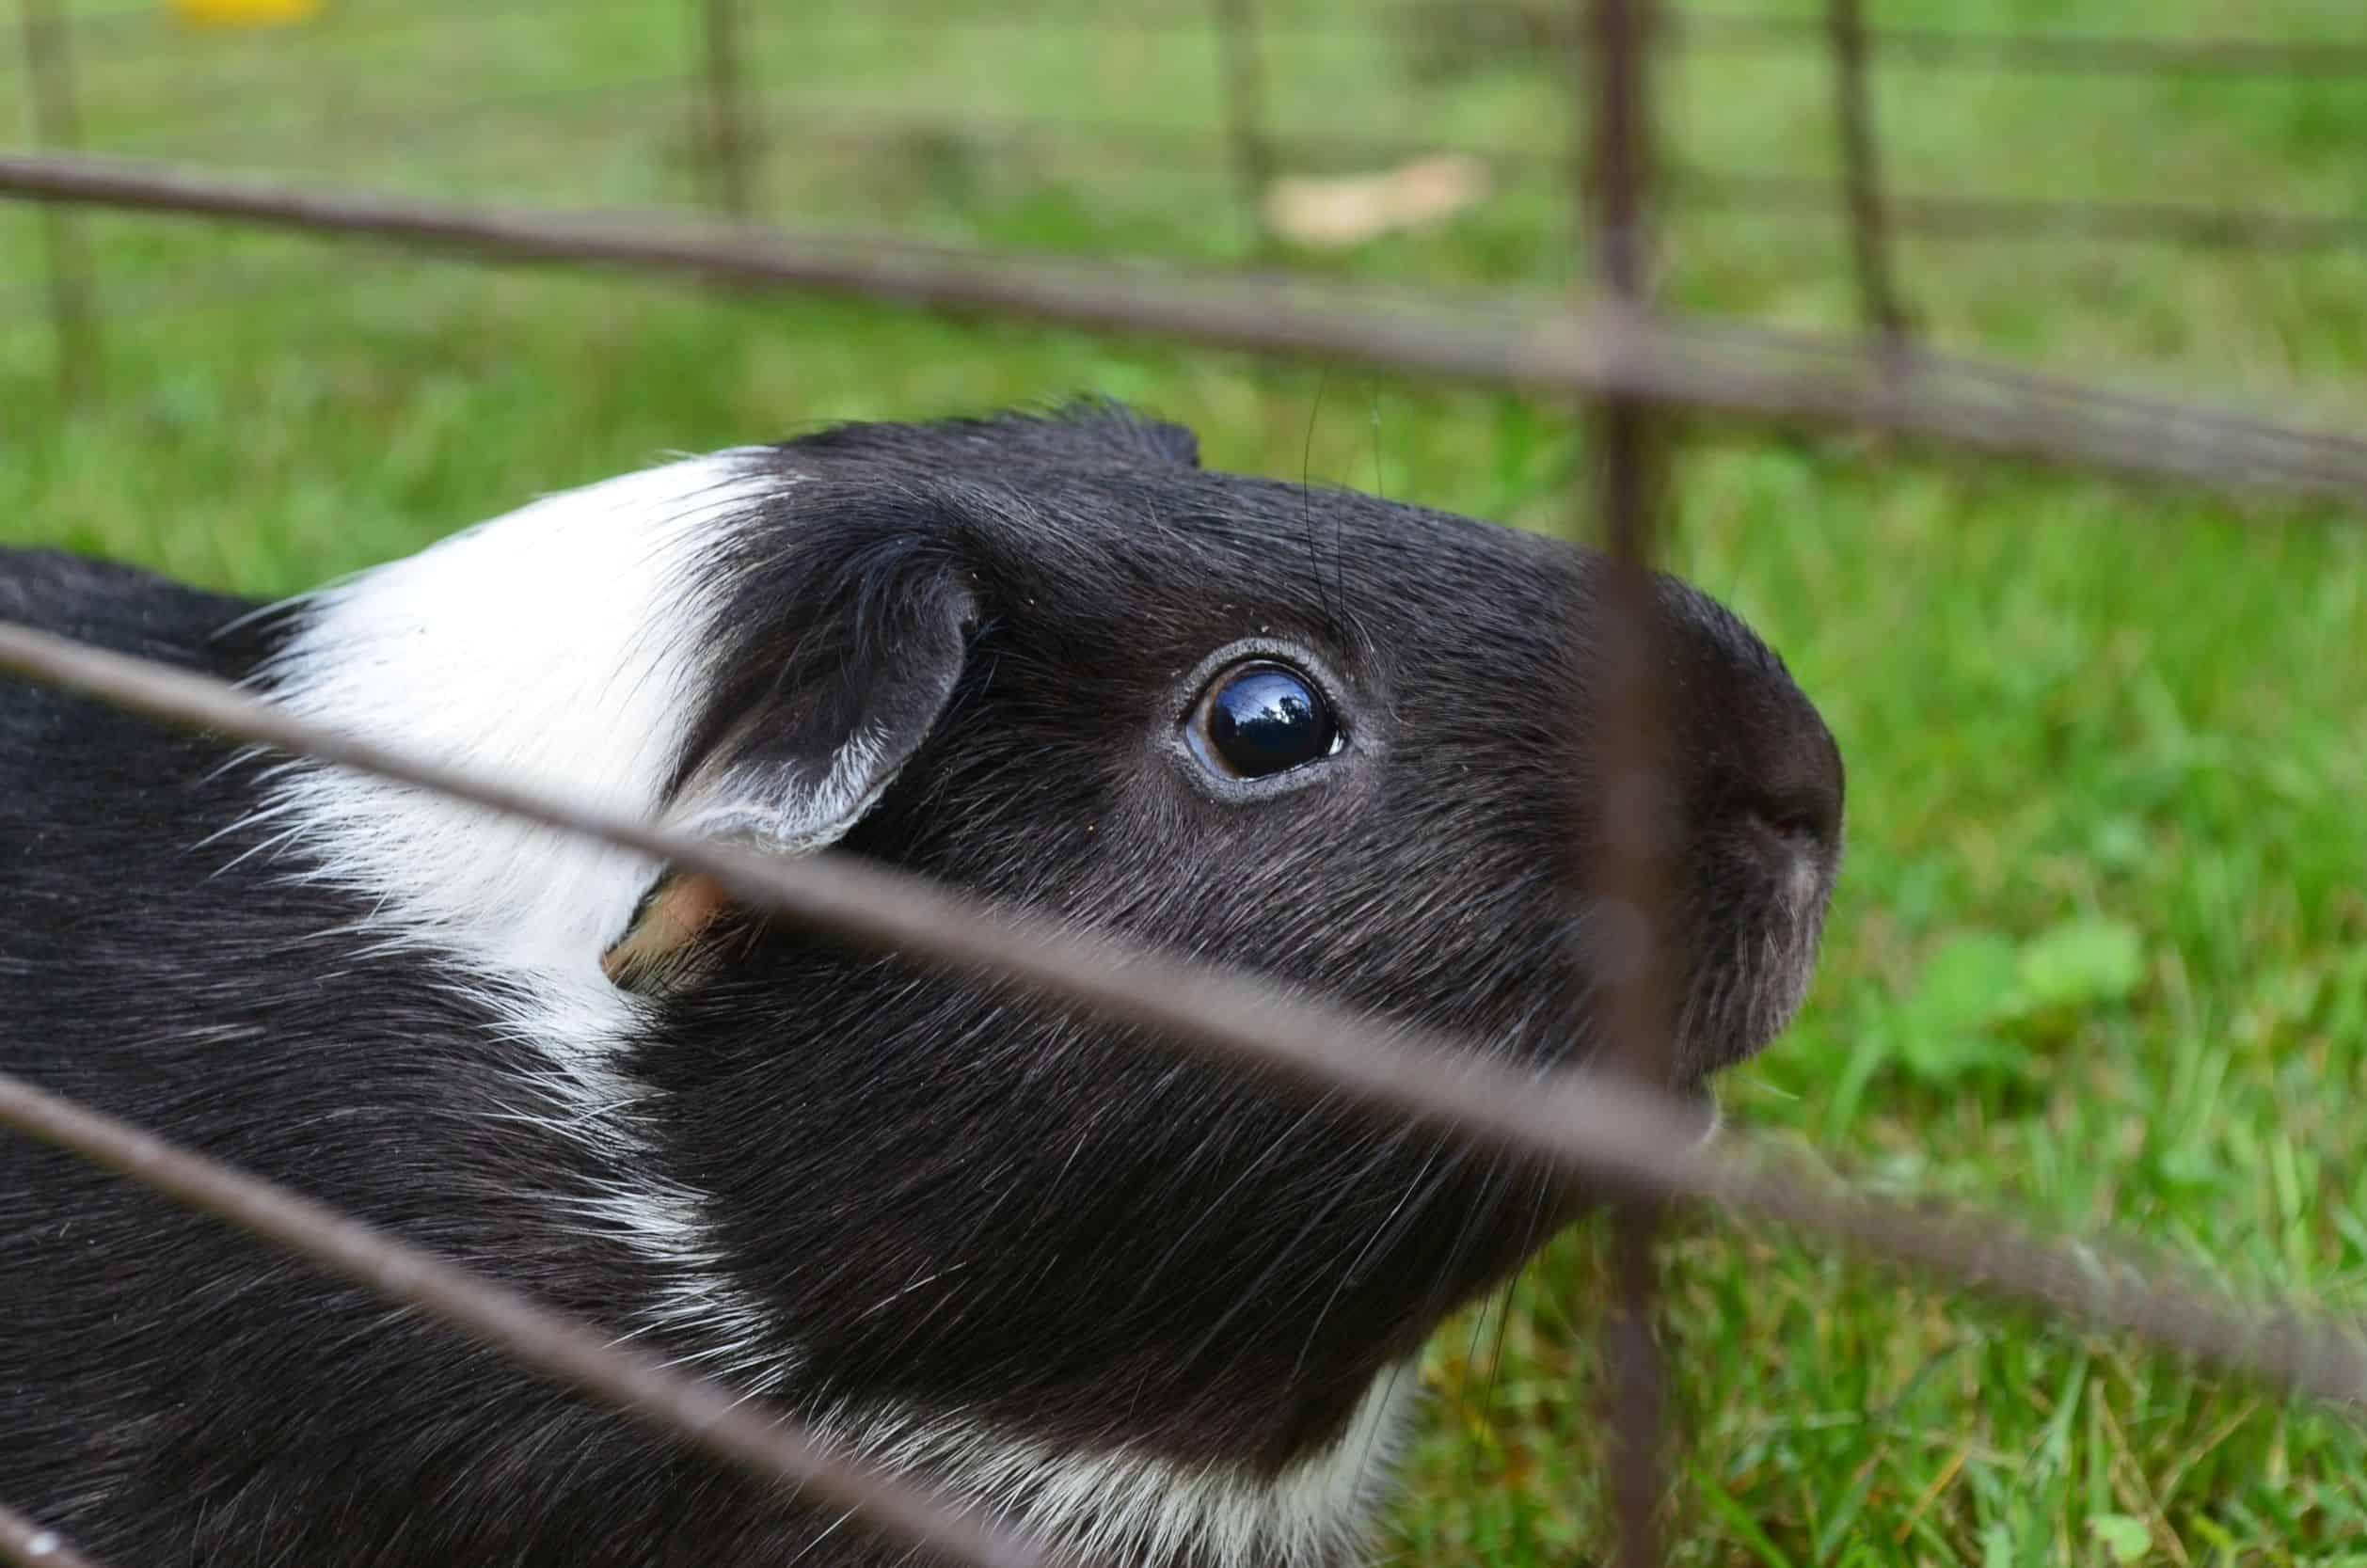 Meerschweinchen Käfig: Test & Empfehlungen (05/21)